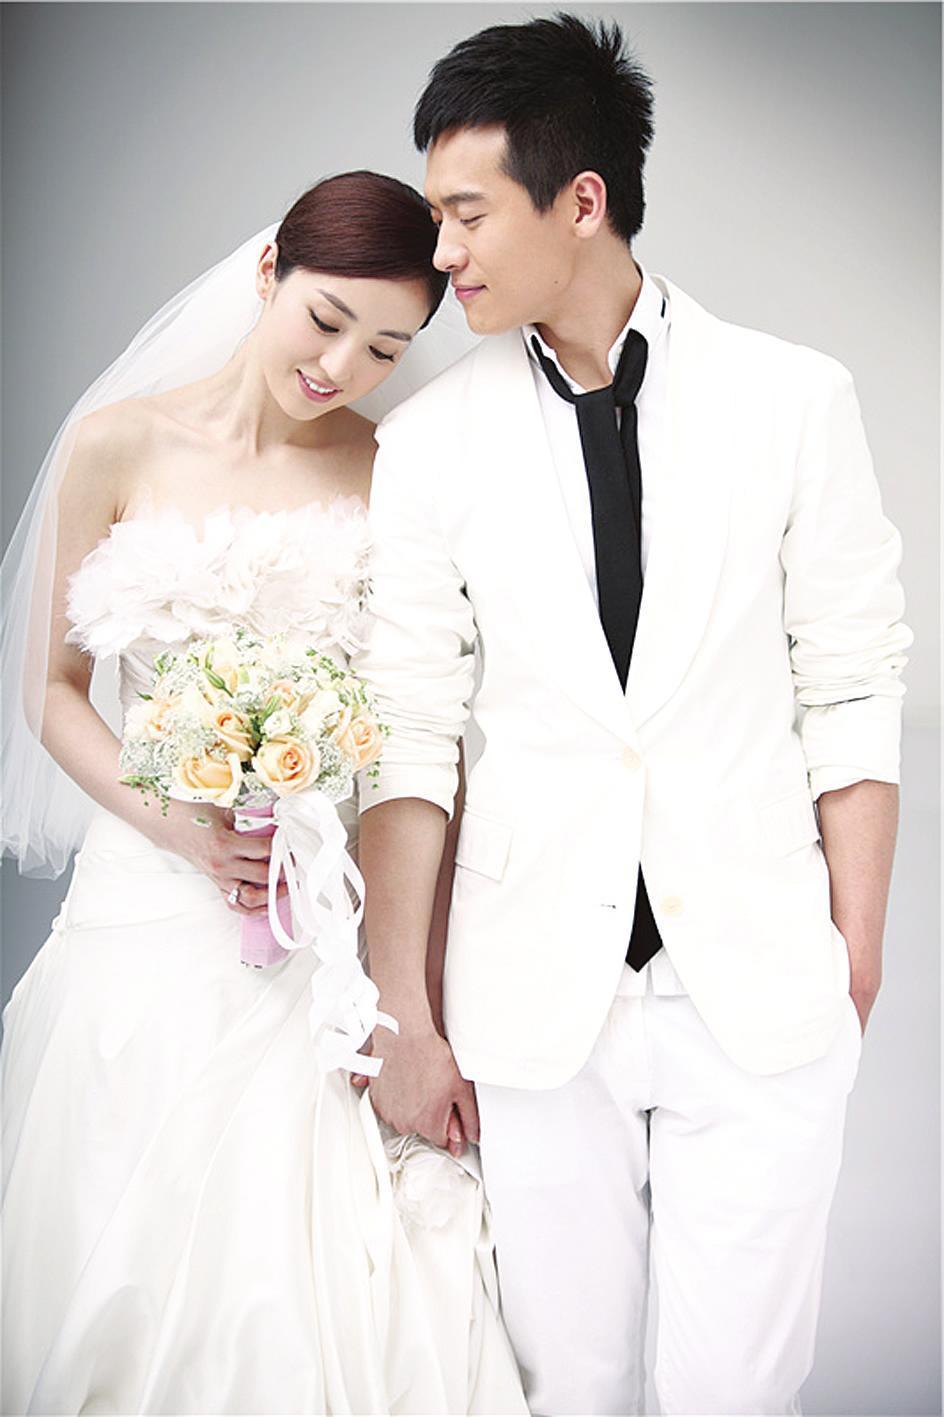 婚纱 婚纱照 944_1417 竖版 竖屏